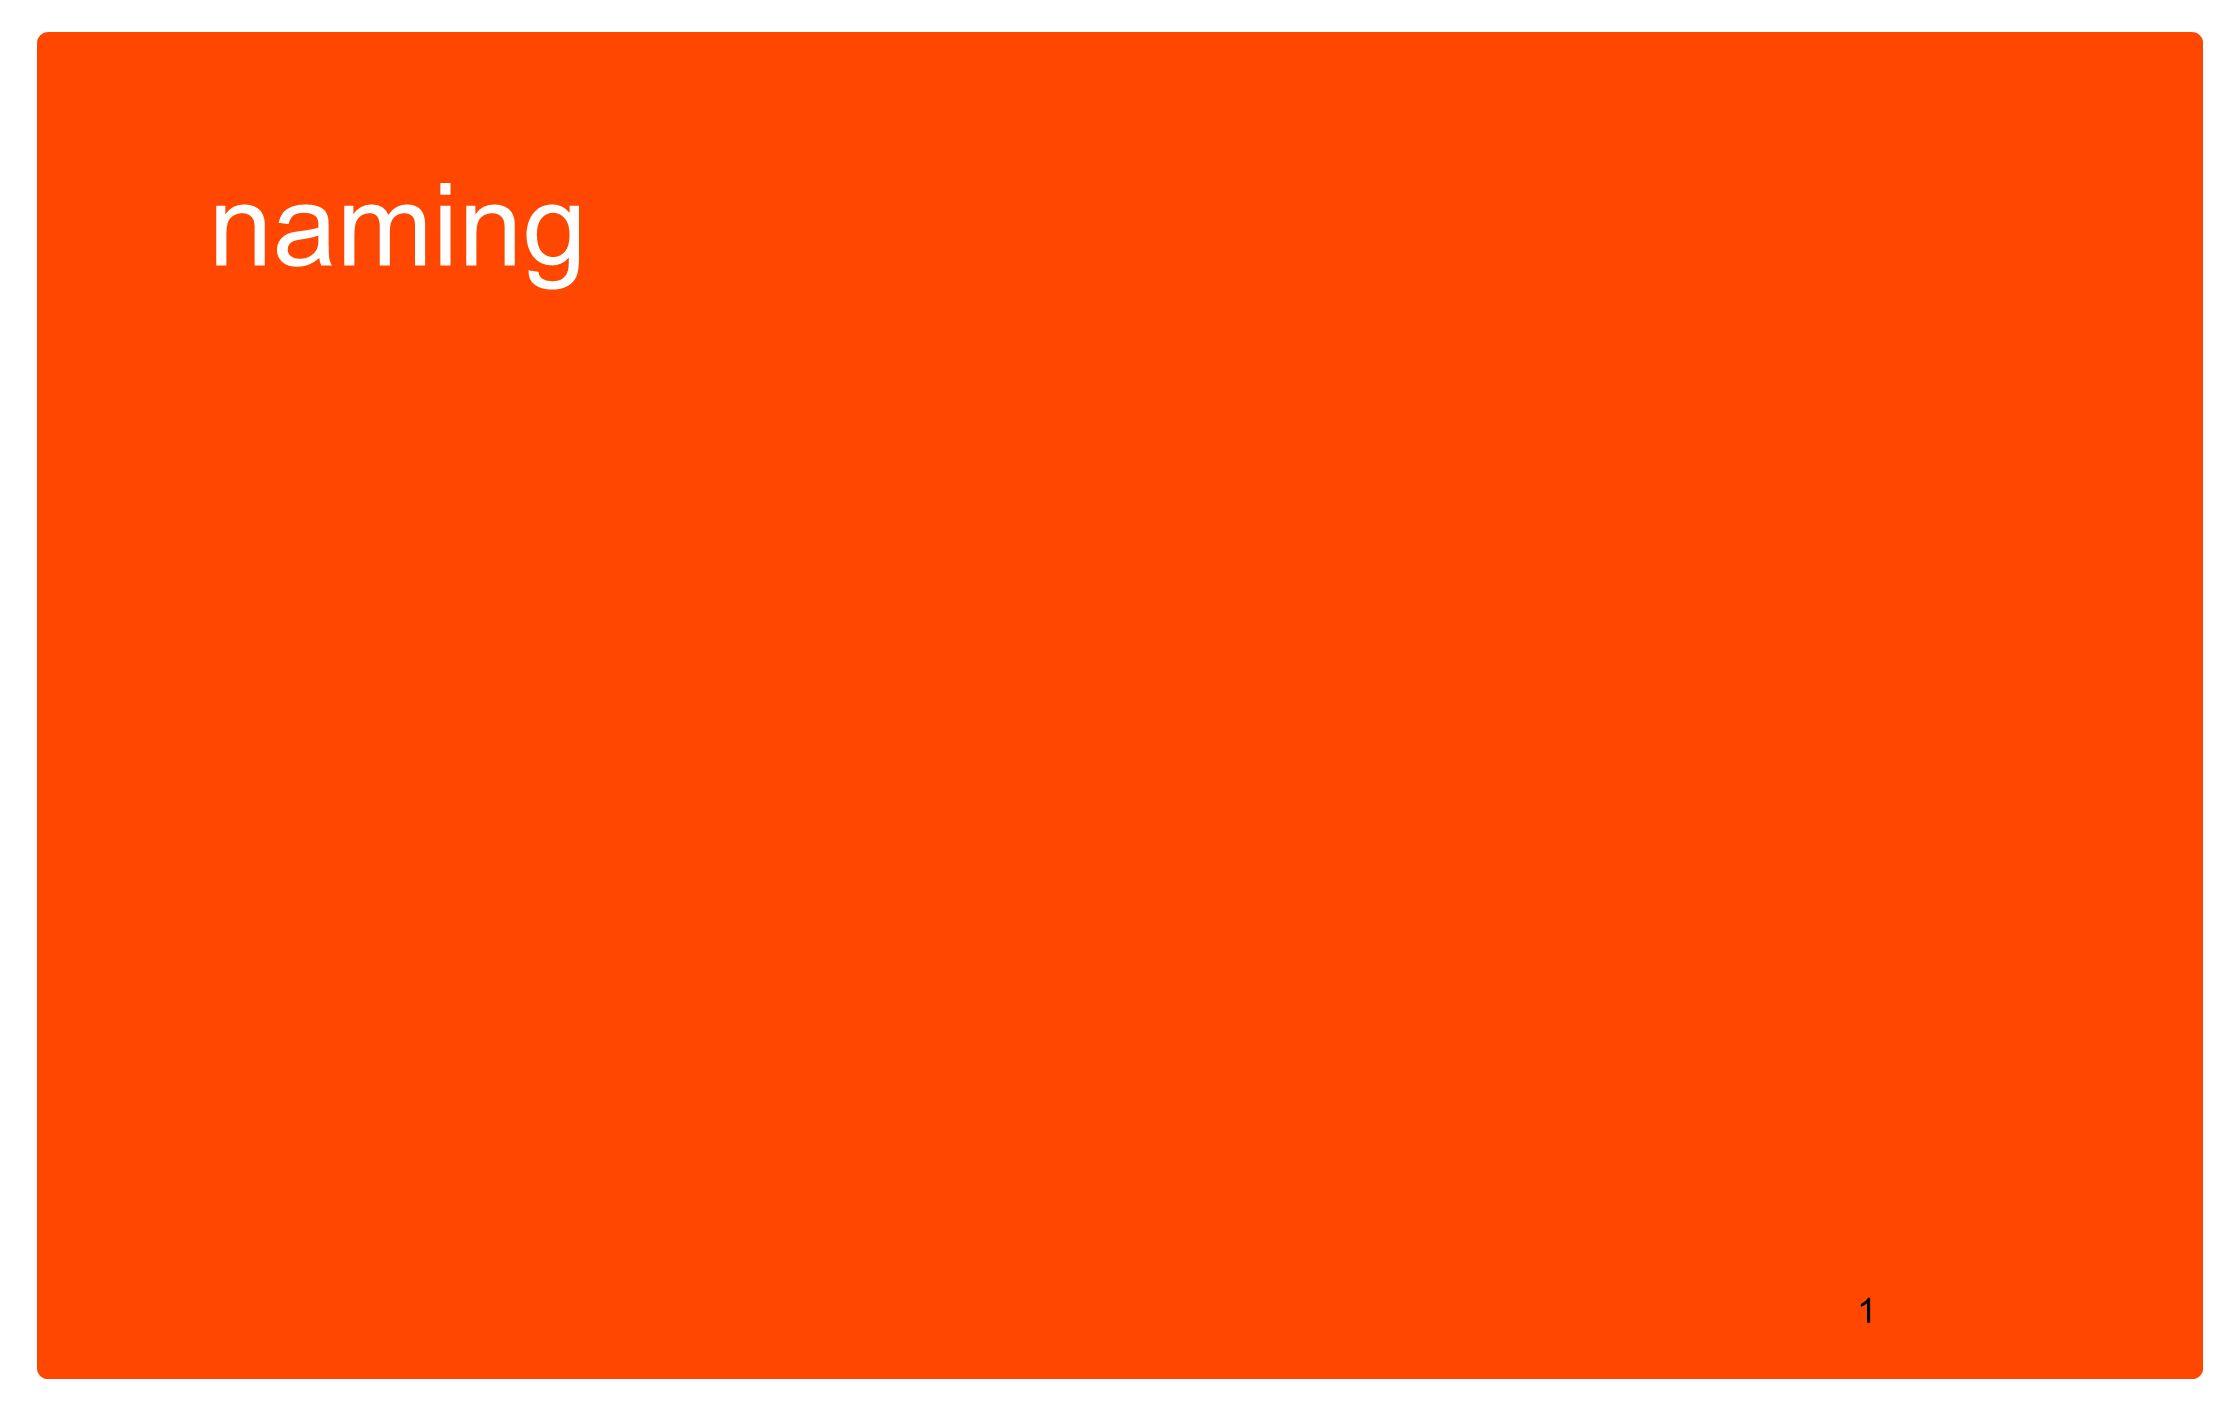 2 Alguns recursos utilizados na construção de namings técnicas e classificações Abreviação: FedEx Acrônimos: Varig Aliteração: Intel Inside Arbitrário: Apple Combinação: Nutrasweet Composição: PageMaker Descritivo: Volkswagen Fundadores: Disneyland Origem/Geográfica: Choc.